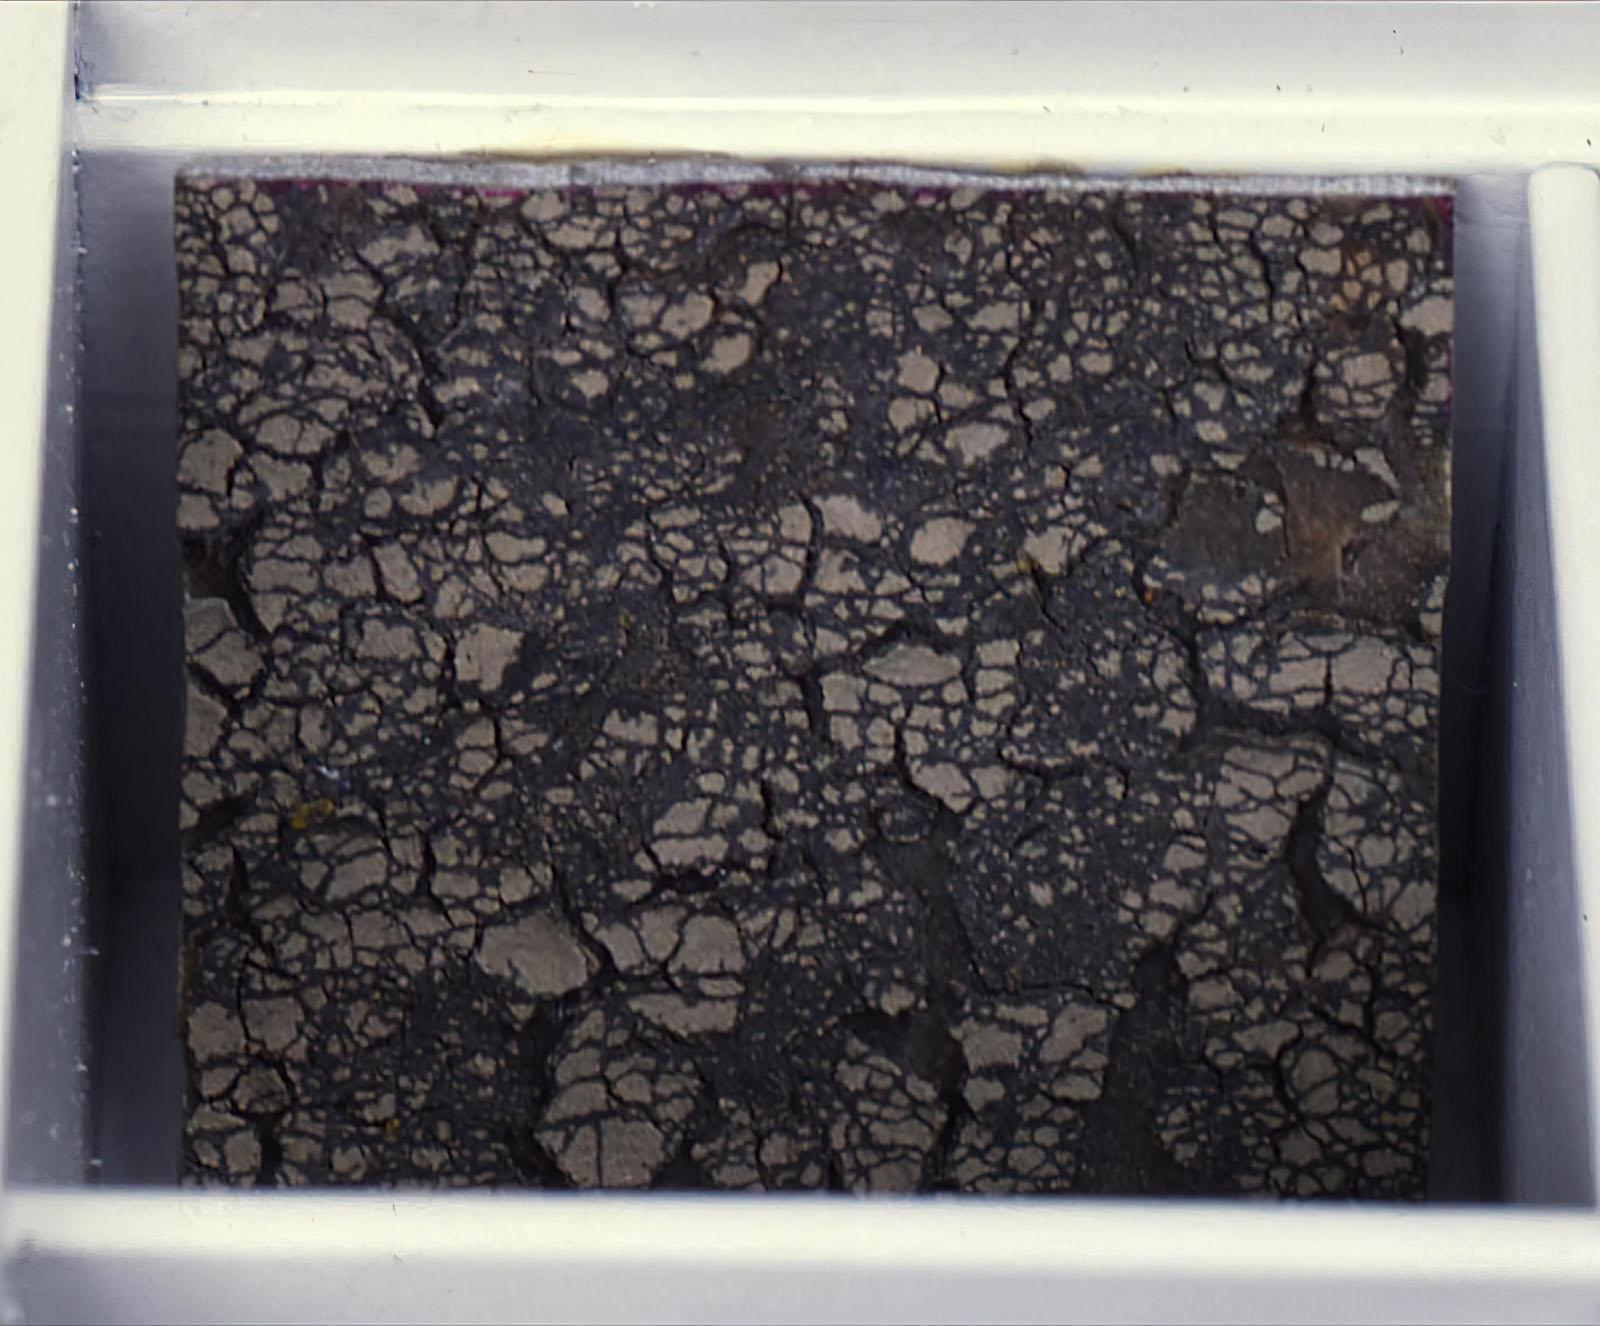 Mark Boyle - Cracked Earth